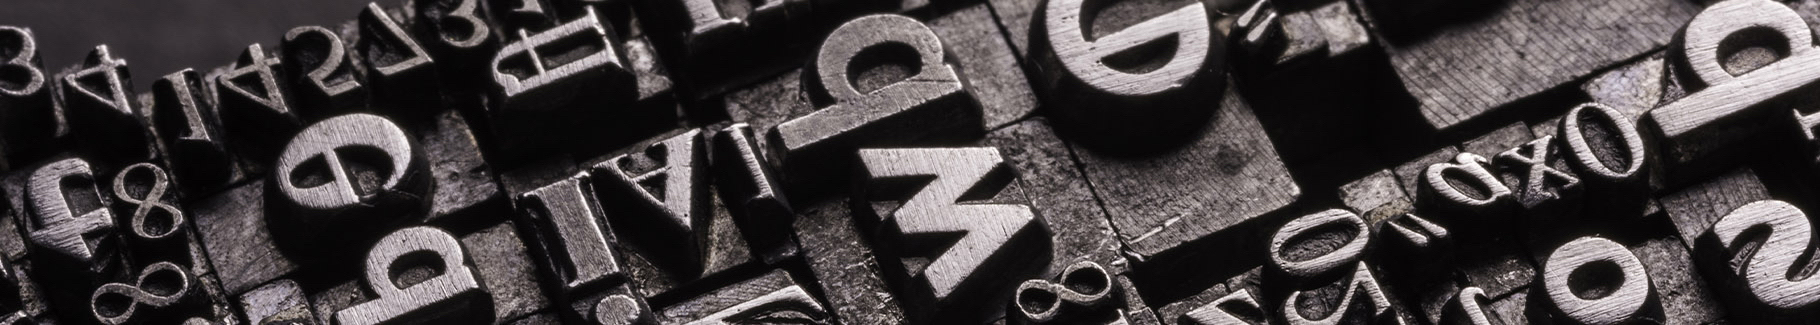 Obraz typografia w industrialnym stylu